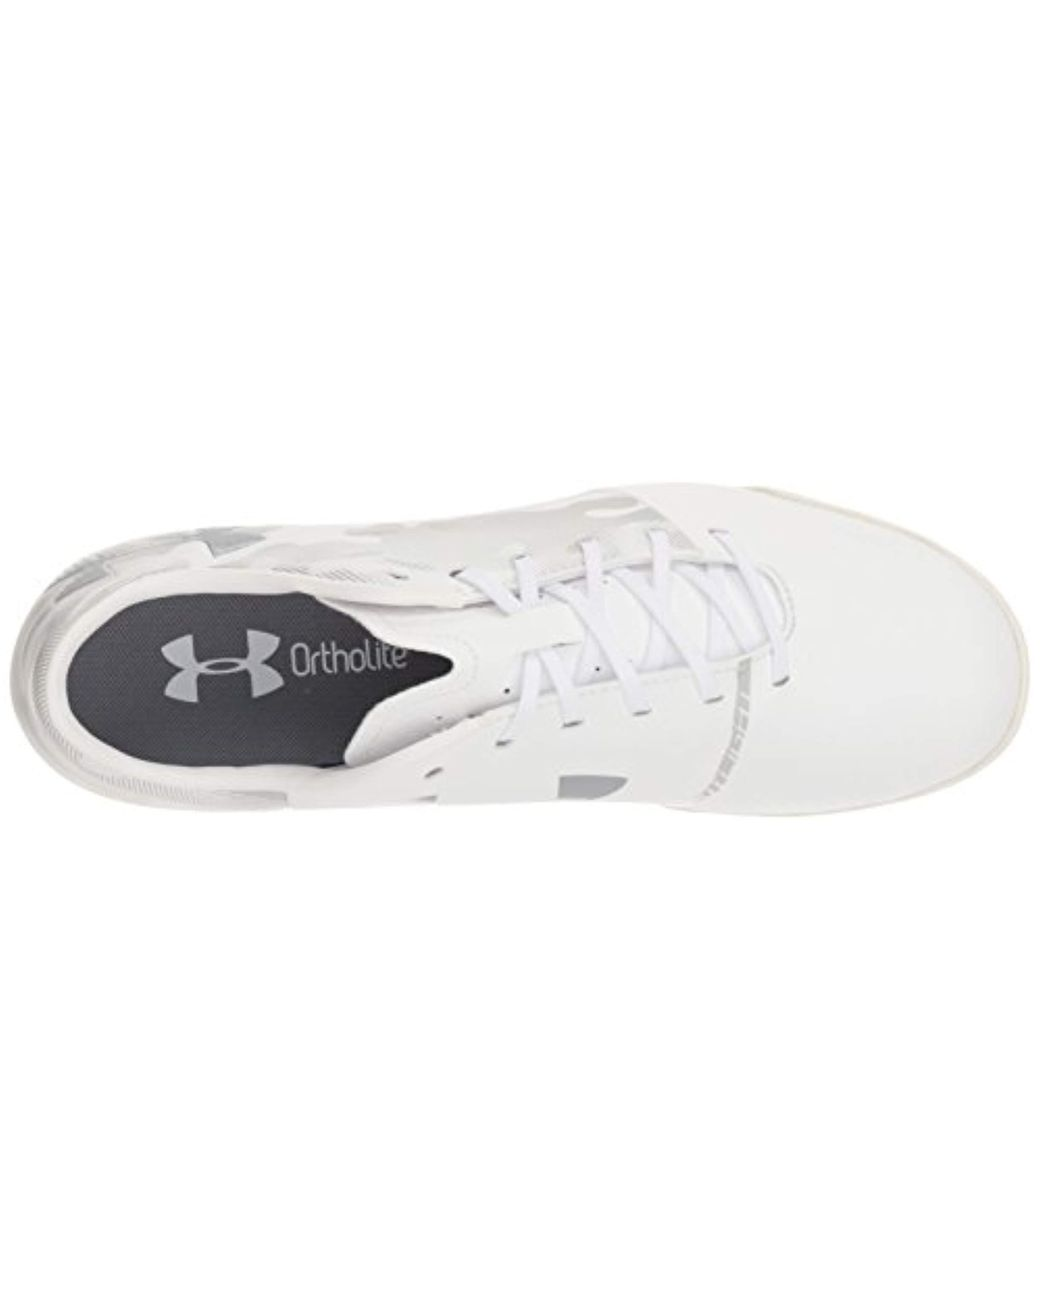 8c866b8a6e0 Lyst - Under Armour Spotlight Turf Soccer Shoe in White for Men